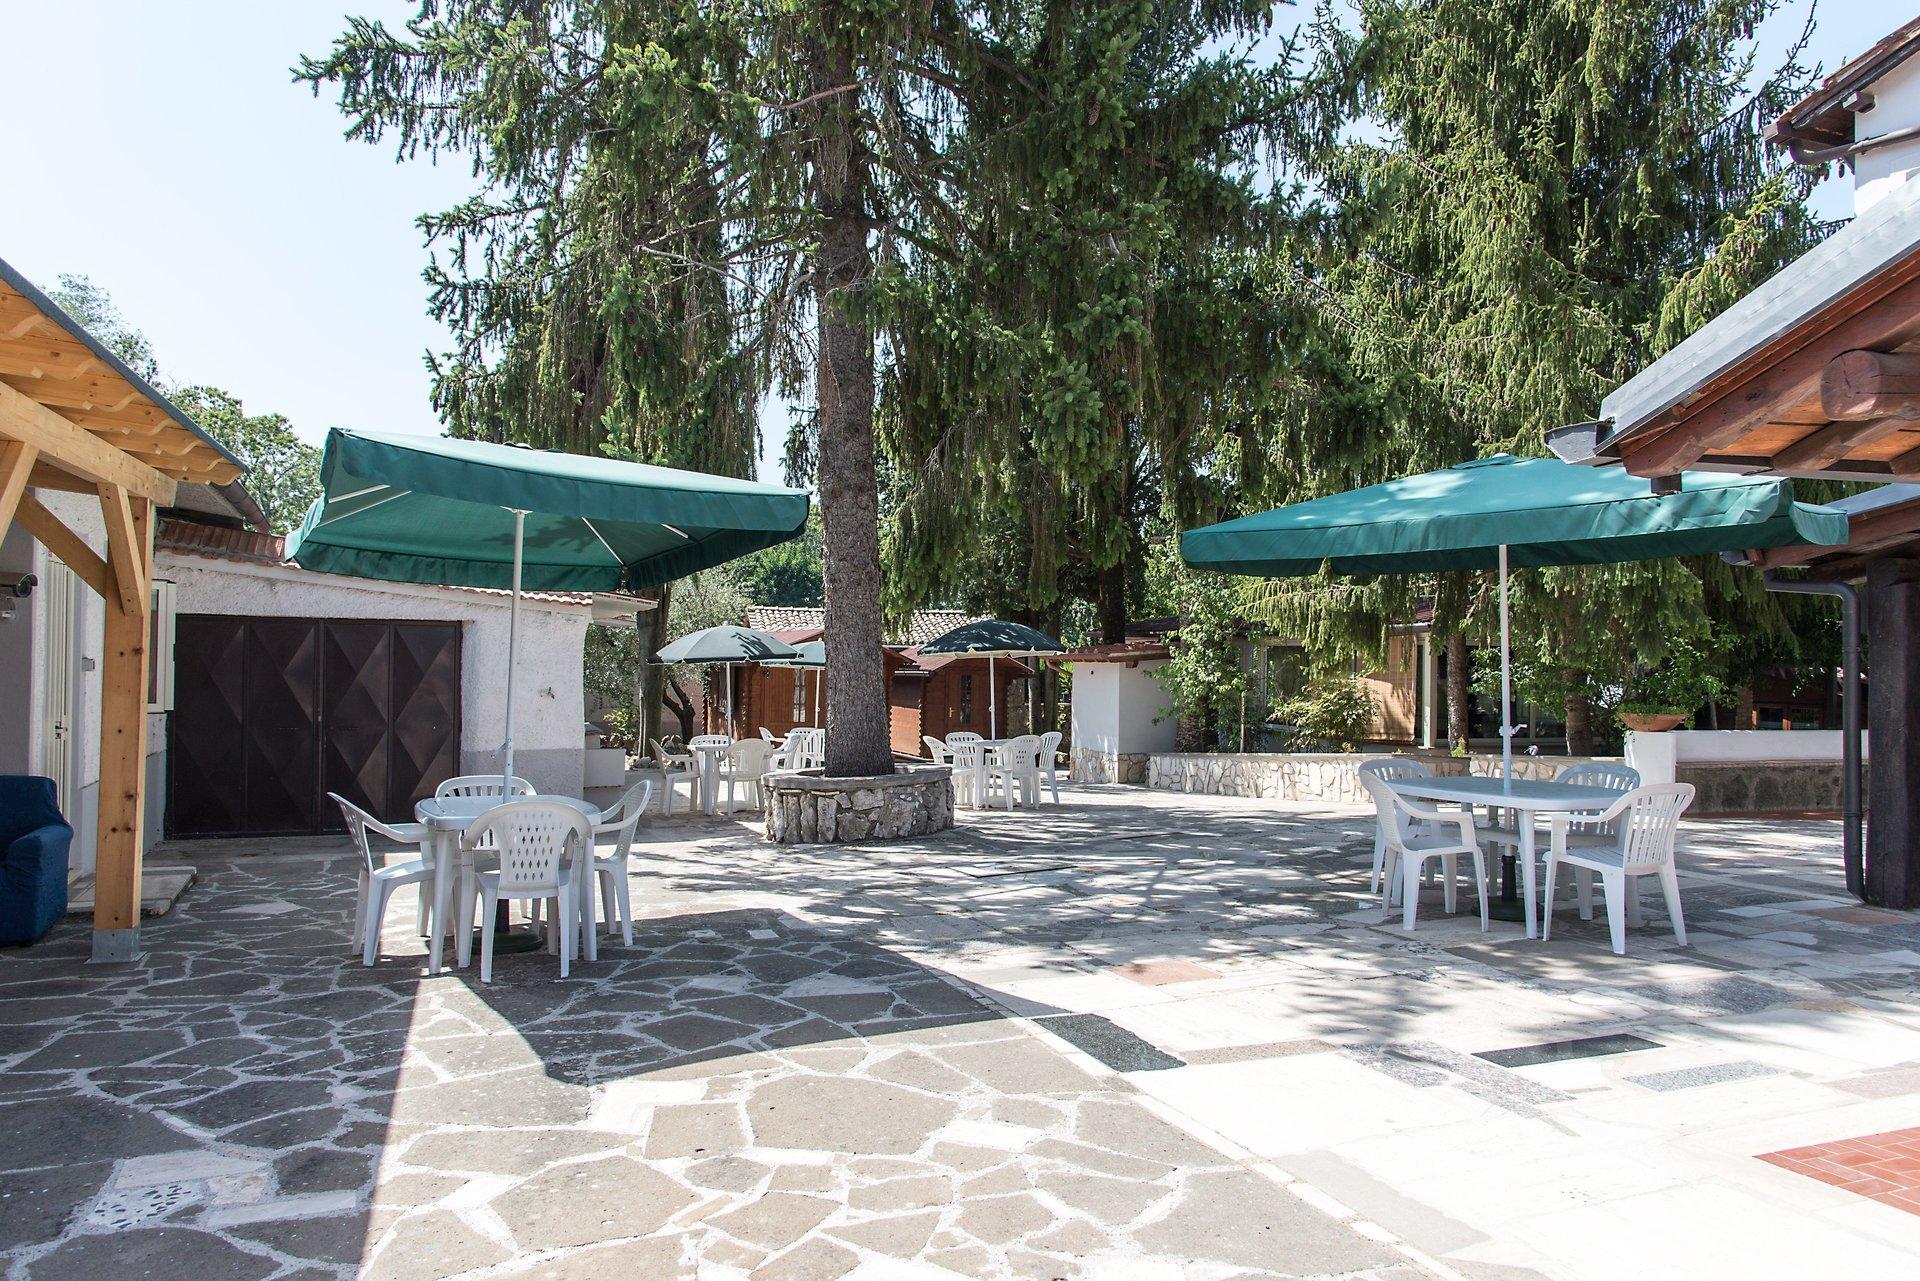 terrazza con ombrelloni